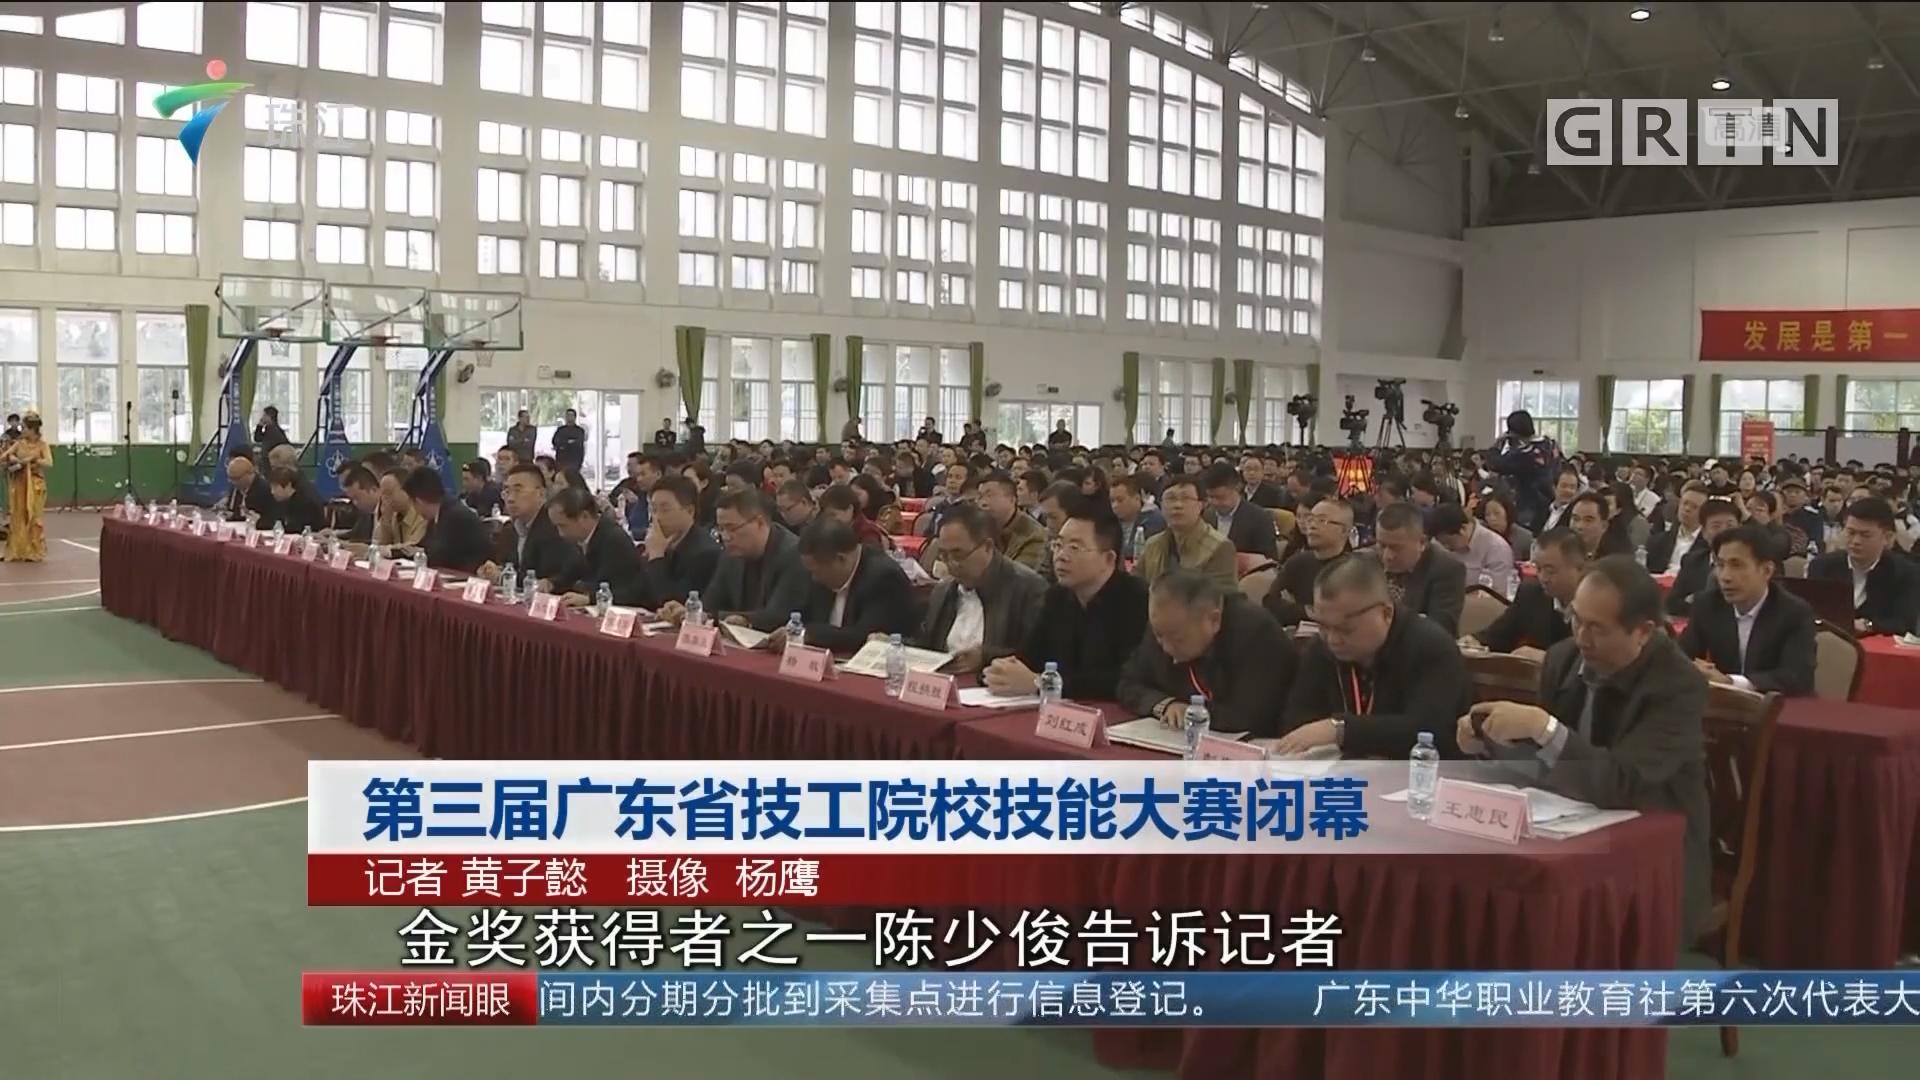 第三届广东省技工院校技能大赛闭幕